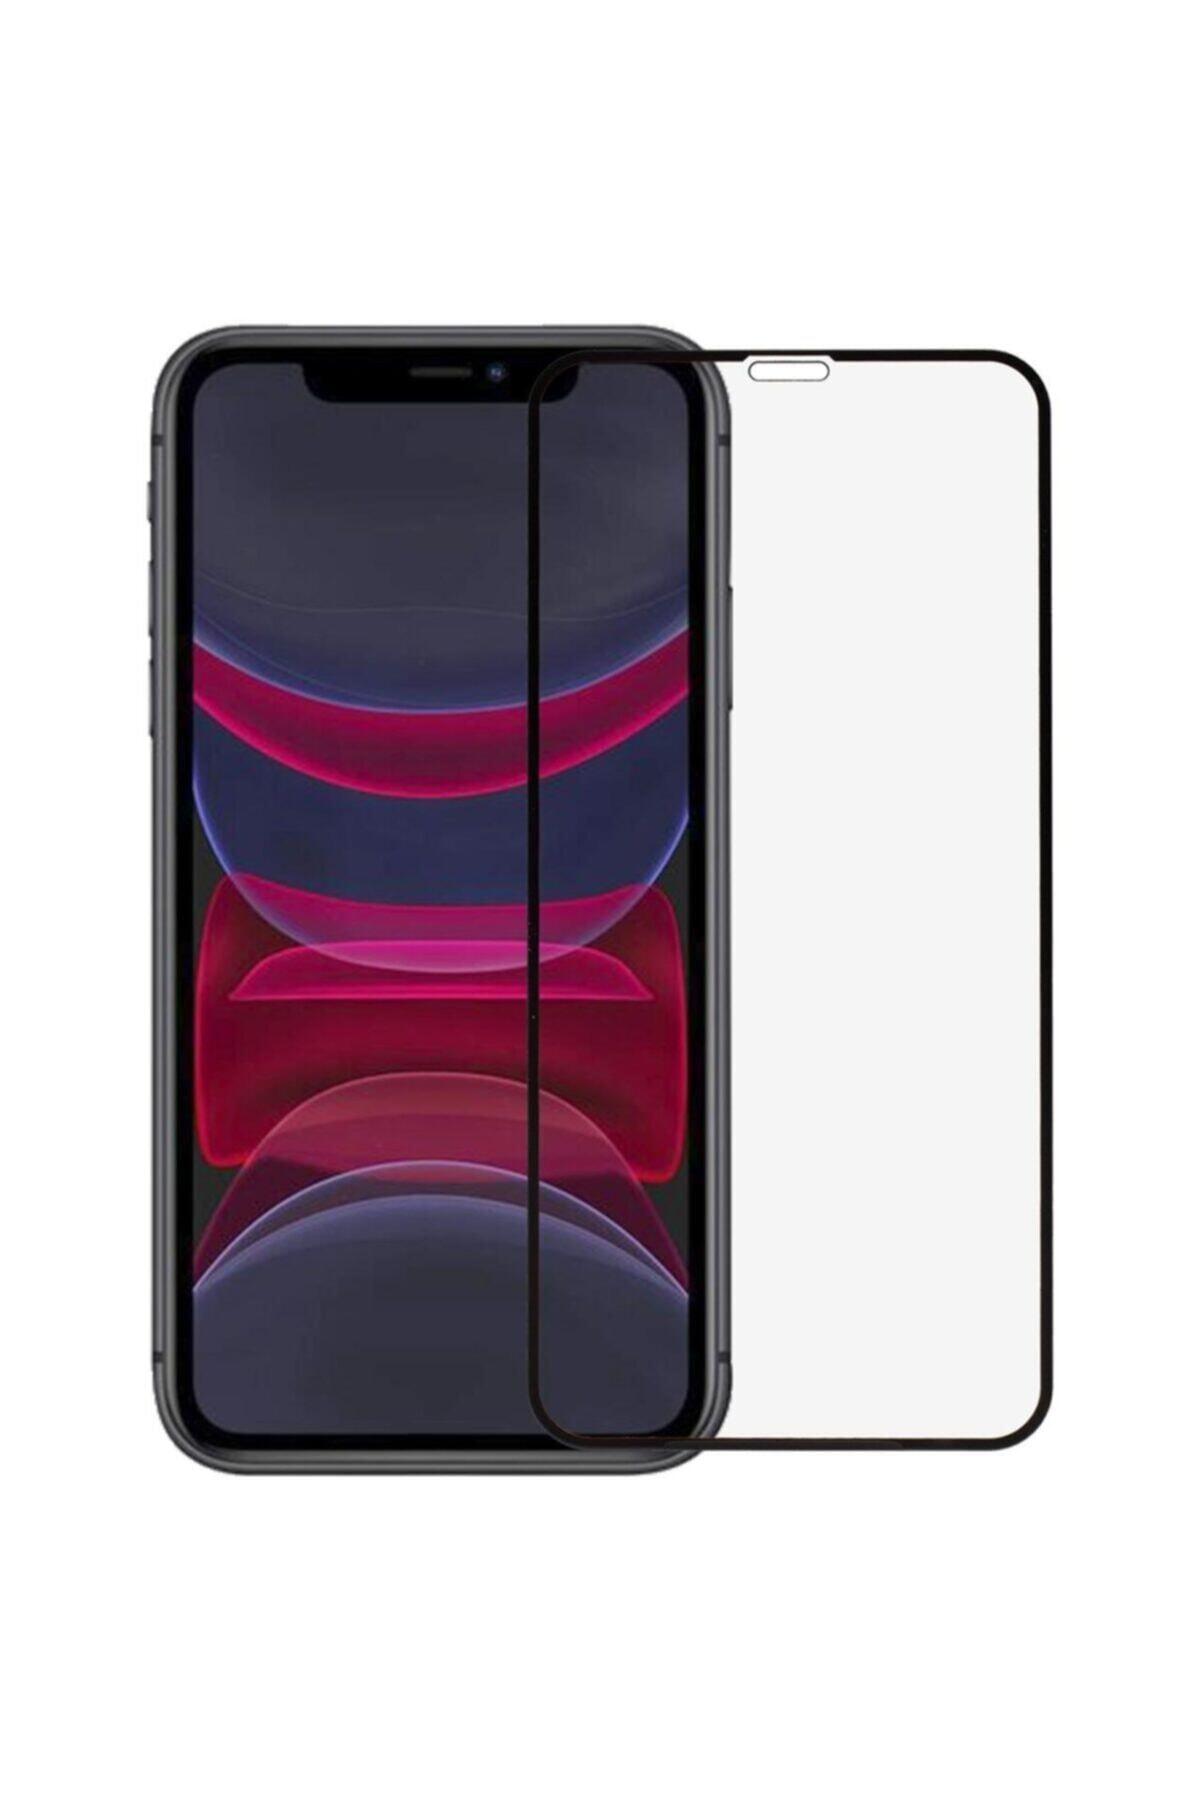 EPRO Siyah Iphone 11 Uyumlu Seramik Nano Ekran Koruyucu Tam Kaplayan Kırılmaz Esnek Cam 1